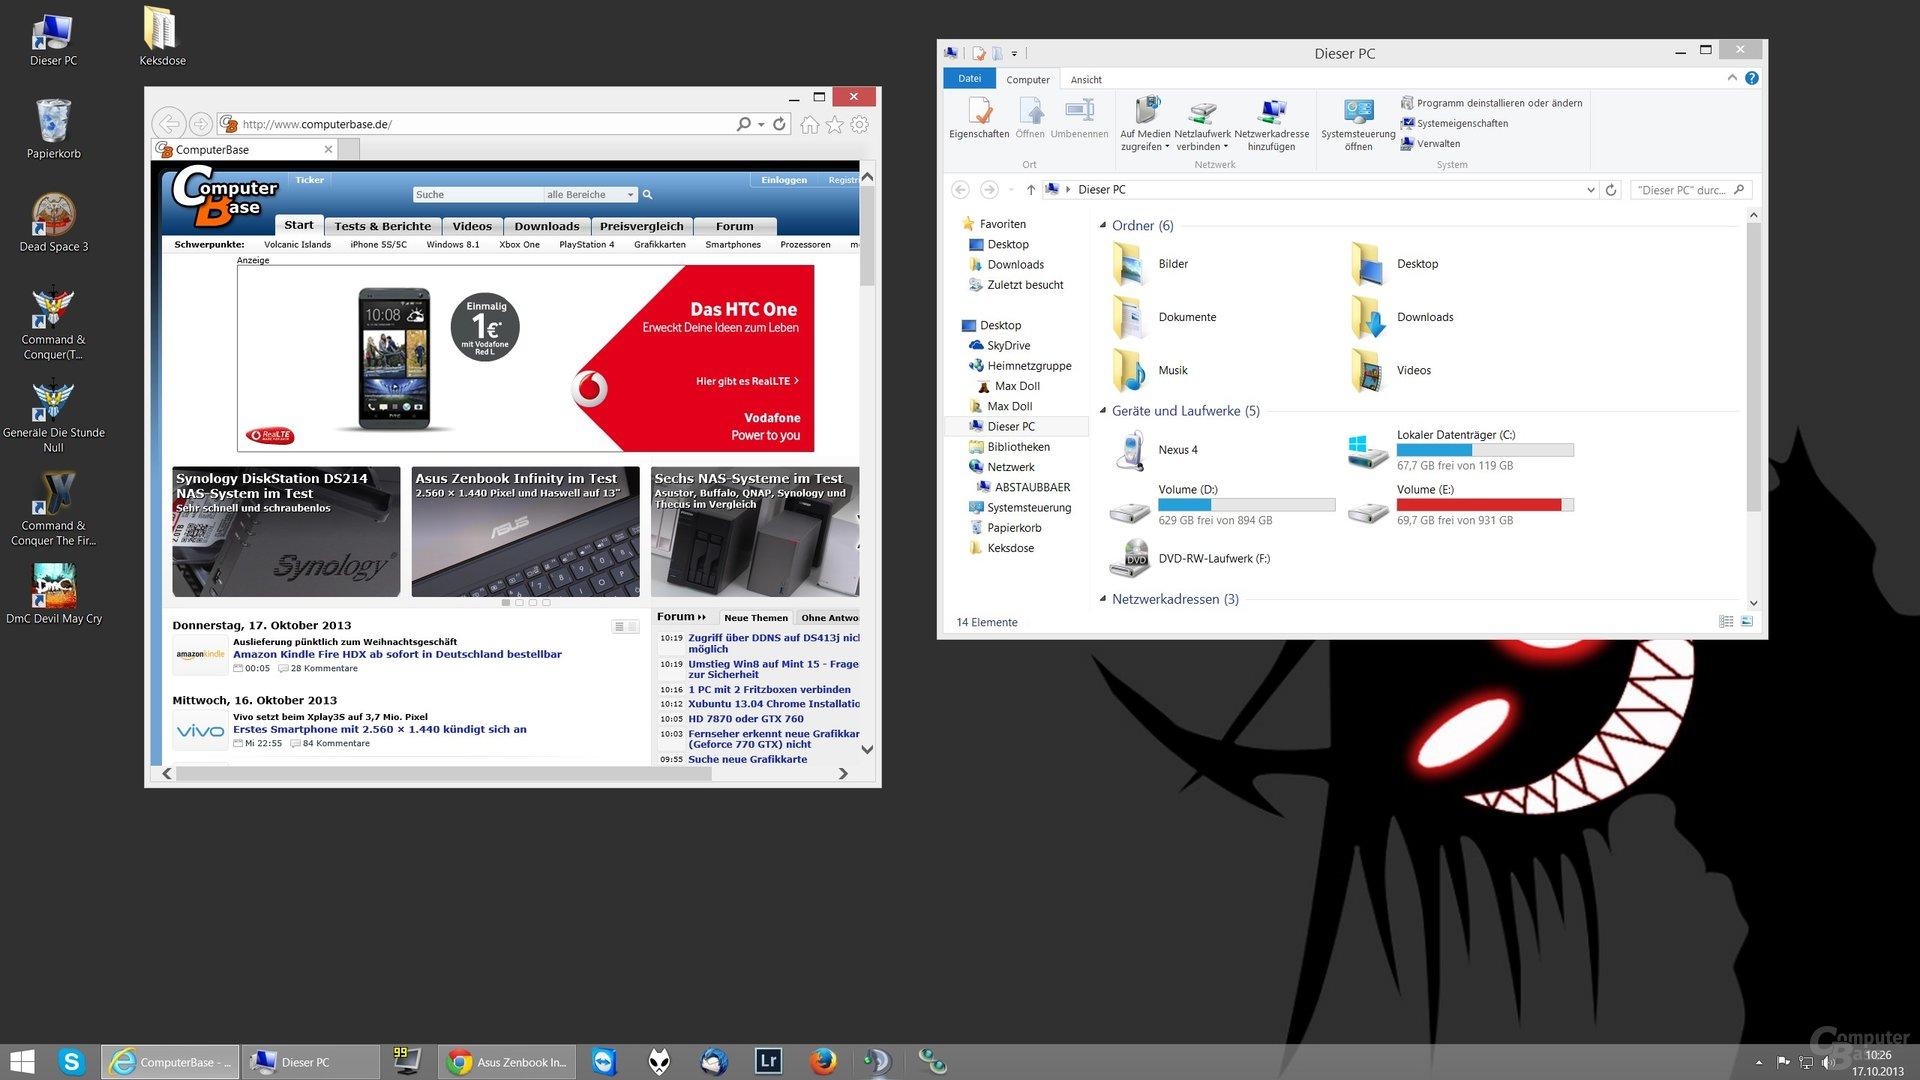 Desktop-Skalierung auf 125% (2560 x 1440)